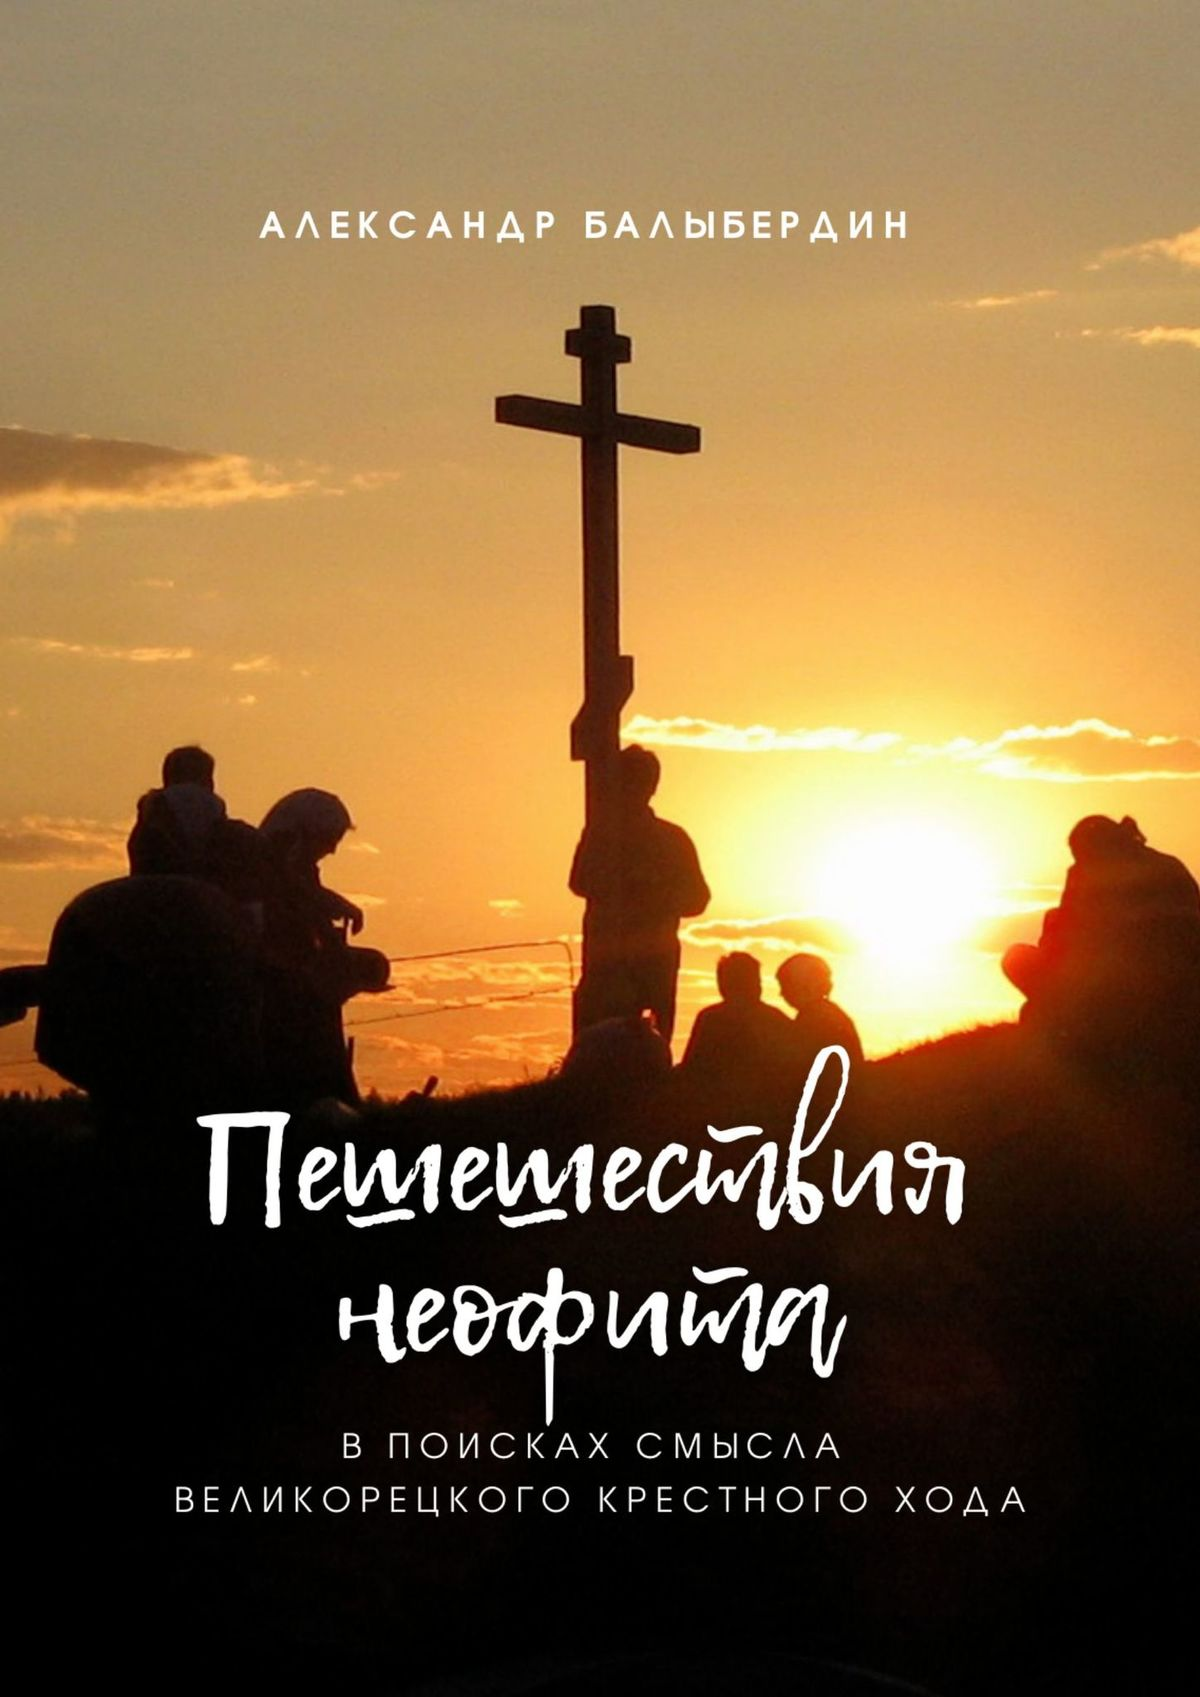 Александр Балыбердин ПЕШЕШЕСТВИЯ НЕОФИТА. В поисках смысла Великорецкого крестногохода